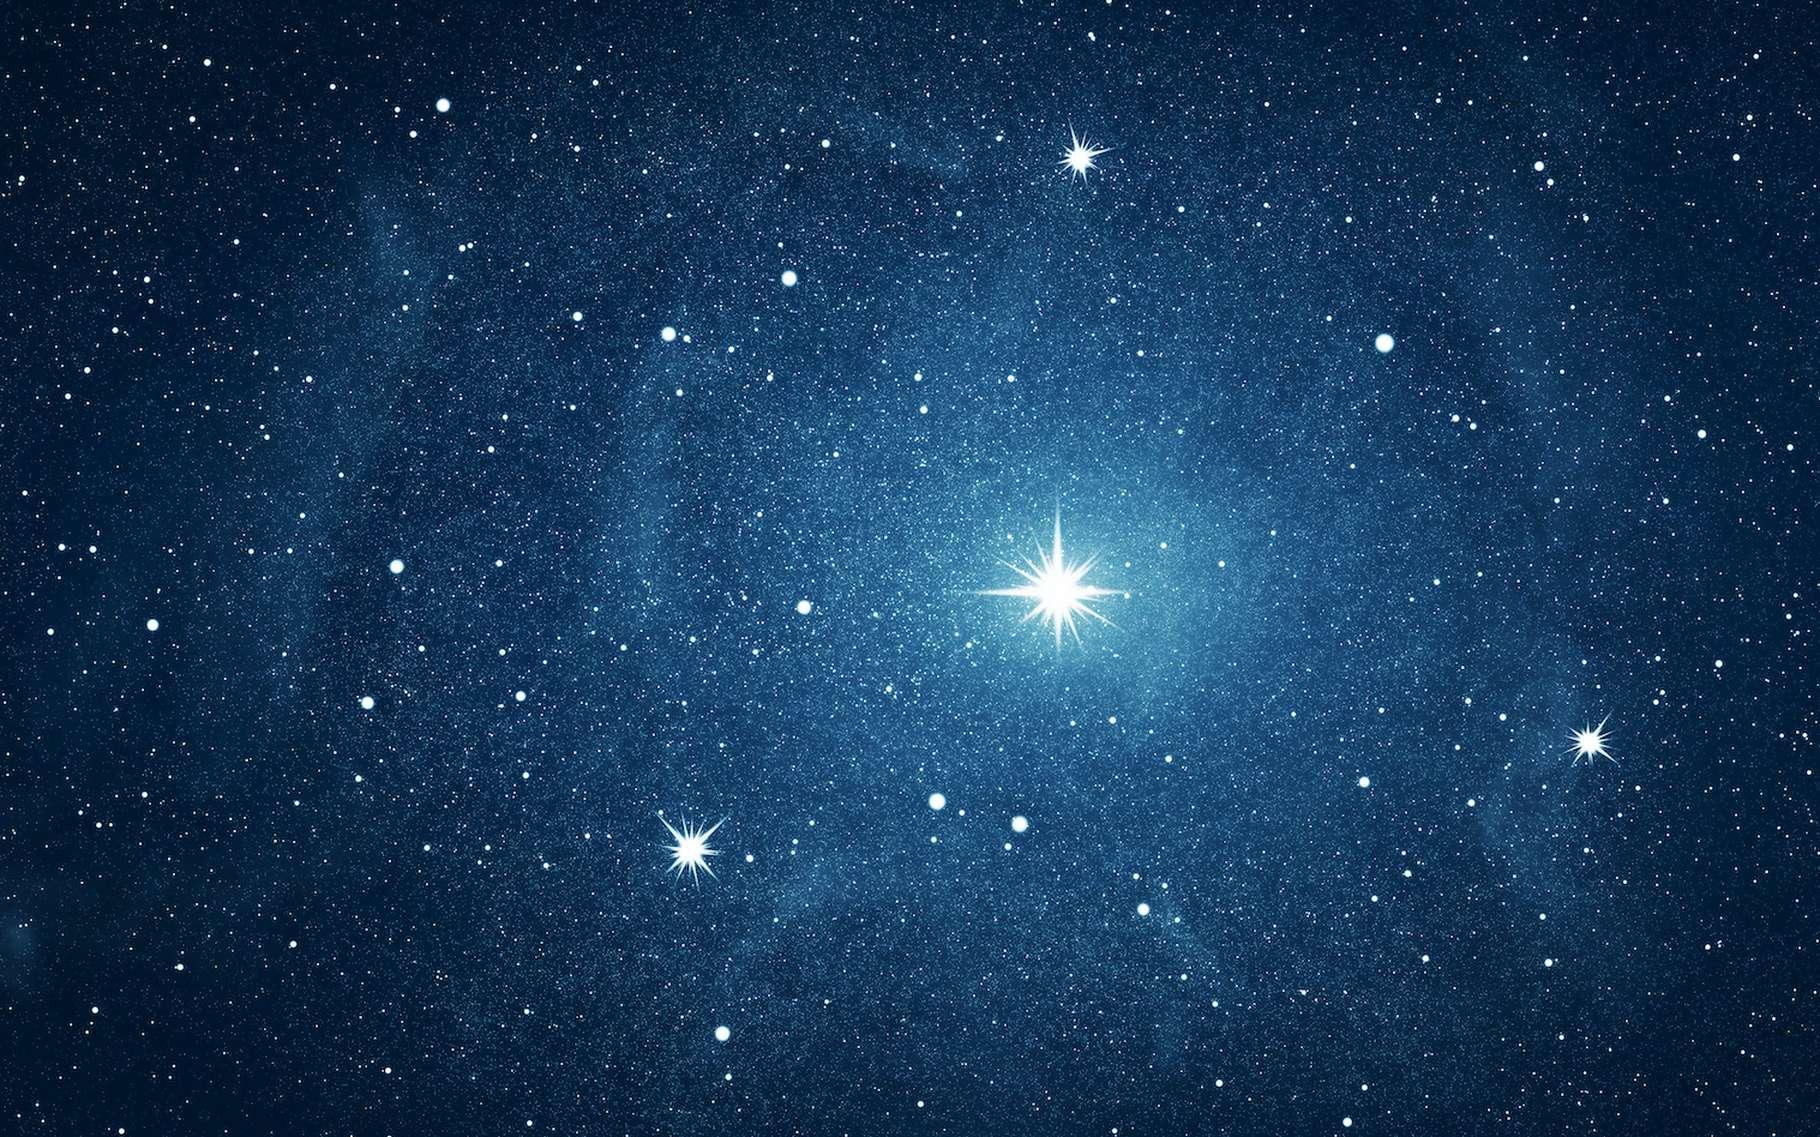 Vous vous demandez pourquoi les étoiles brillent ? Ce sont les réactions de fusion nucléaire qui leur permettent de scintiller dans notre ciel. © robert, Adobe Stock